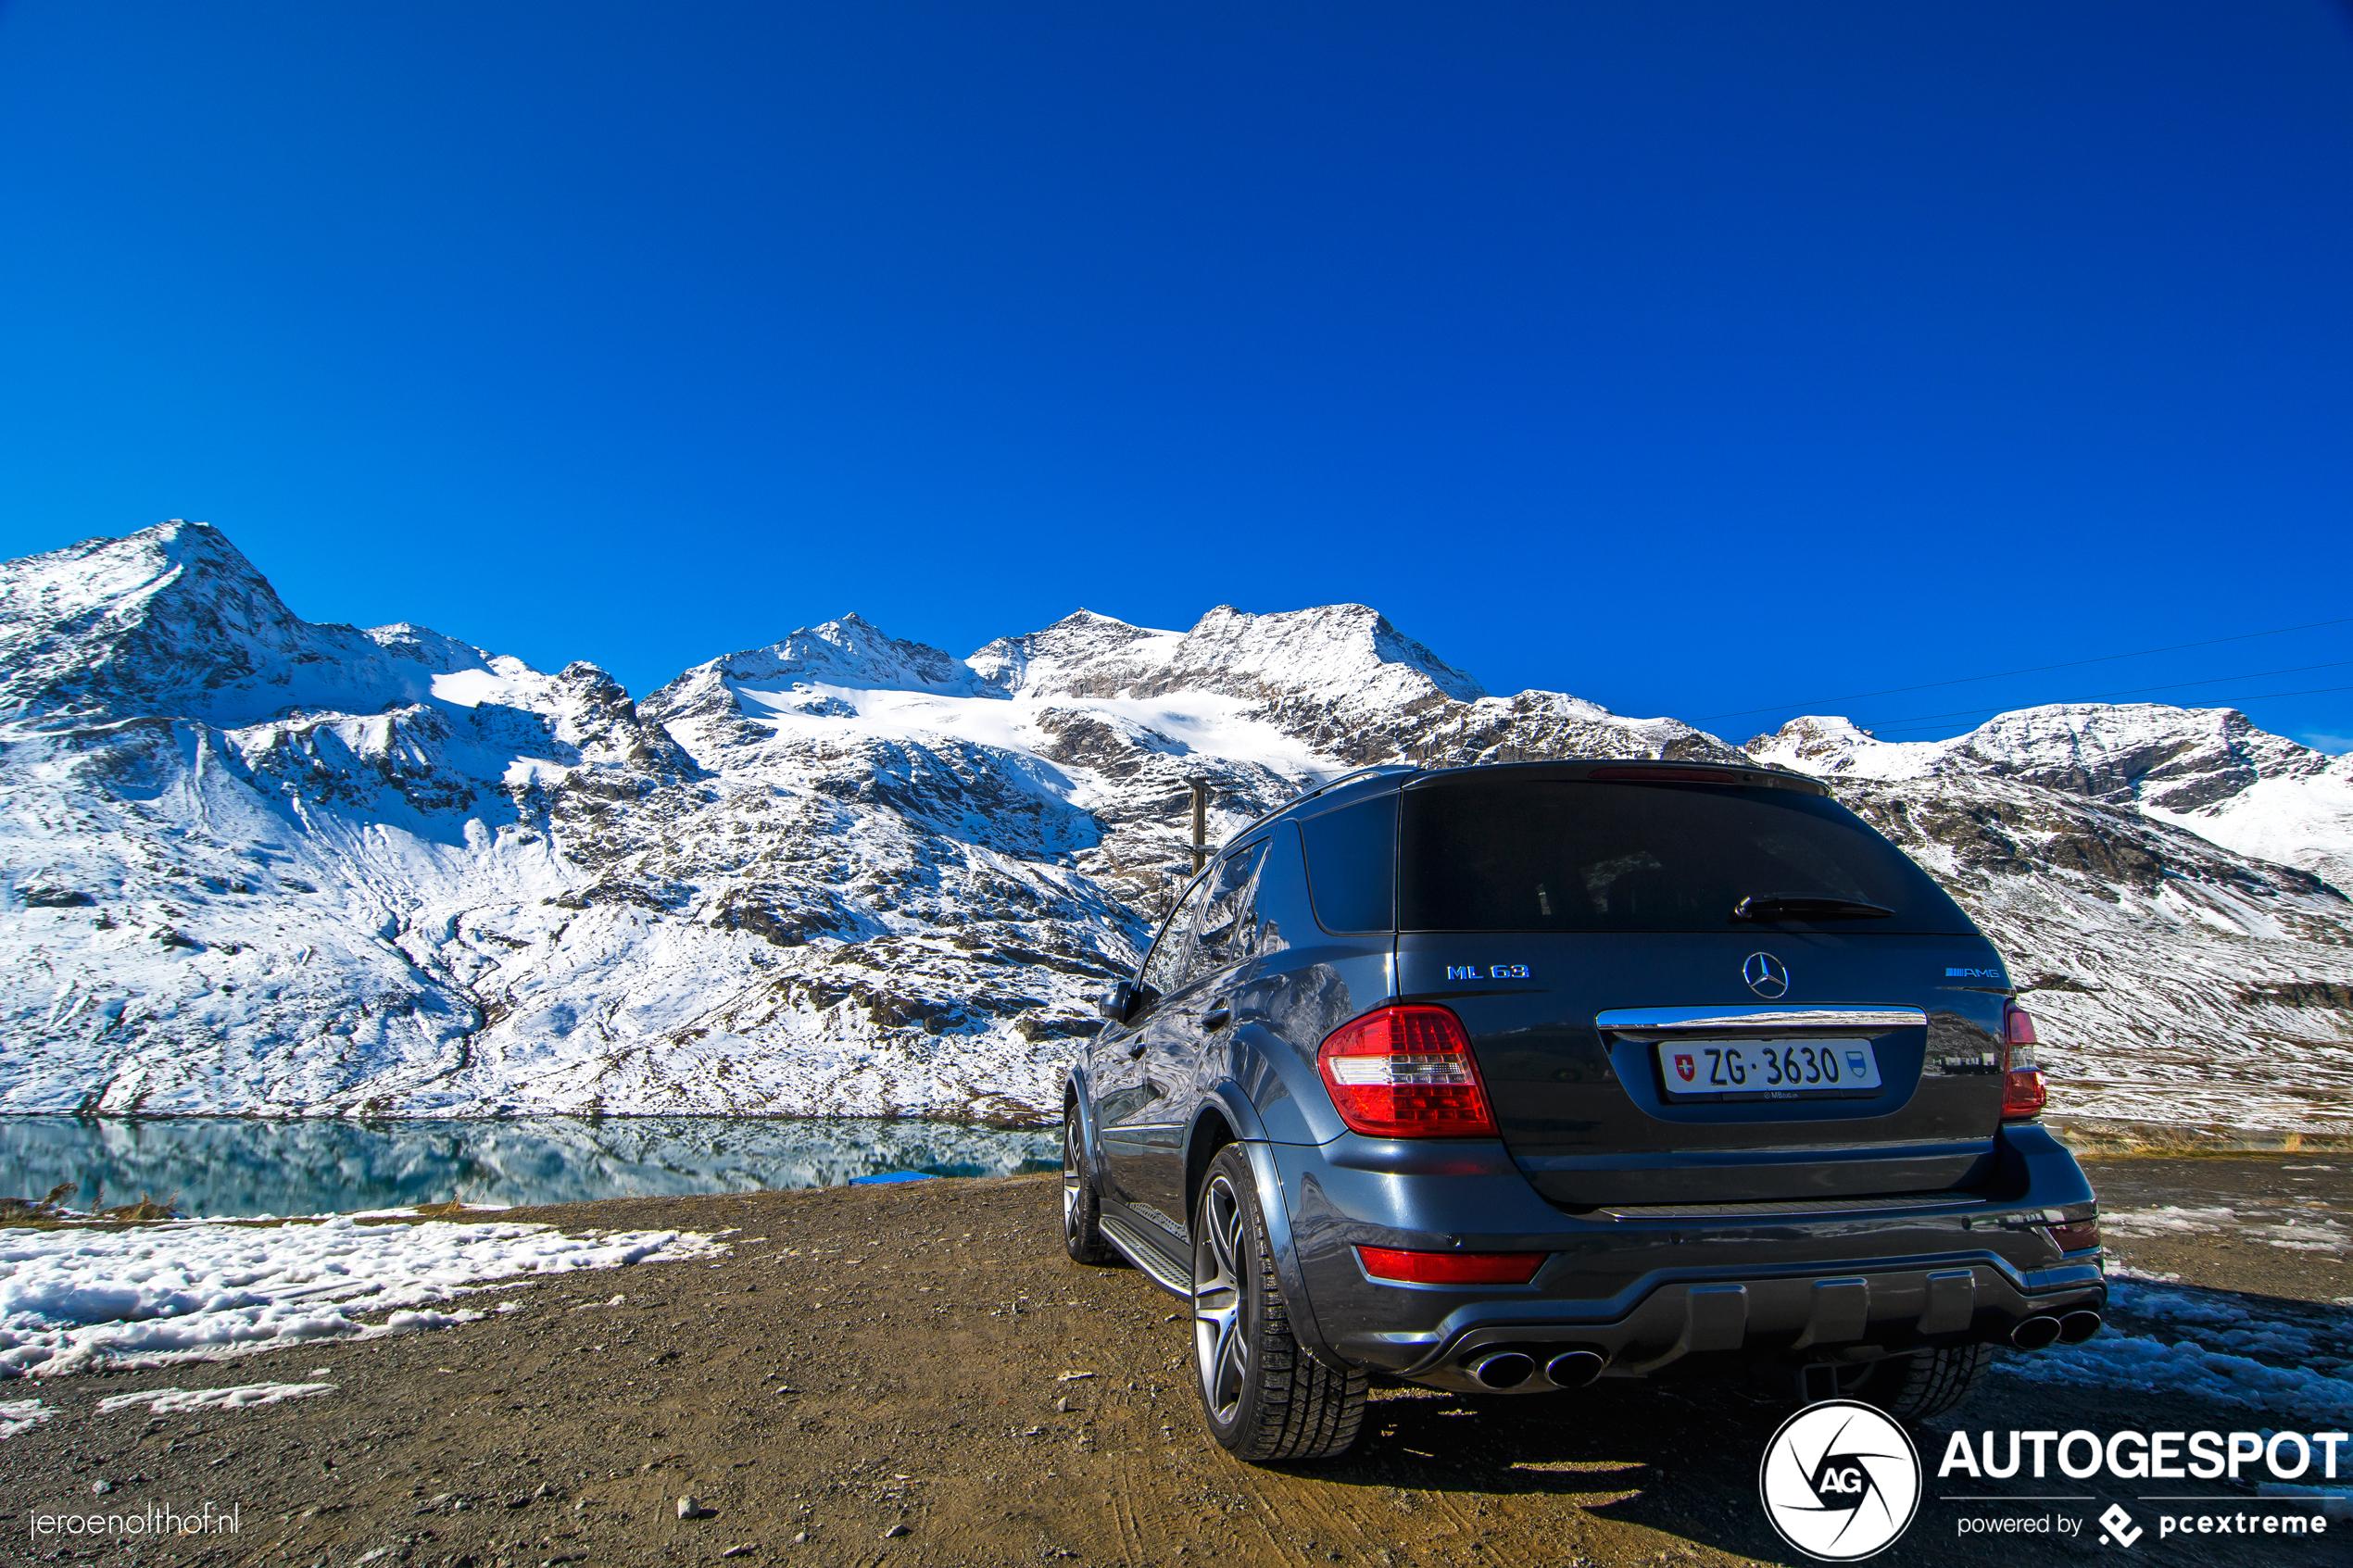 Mercedes-Benz ML 63 AMG 10th Anniversary geniet van het uitzicht